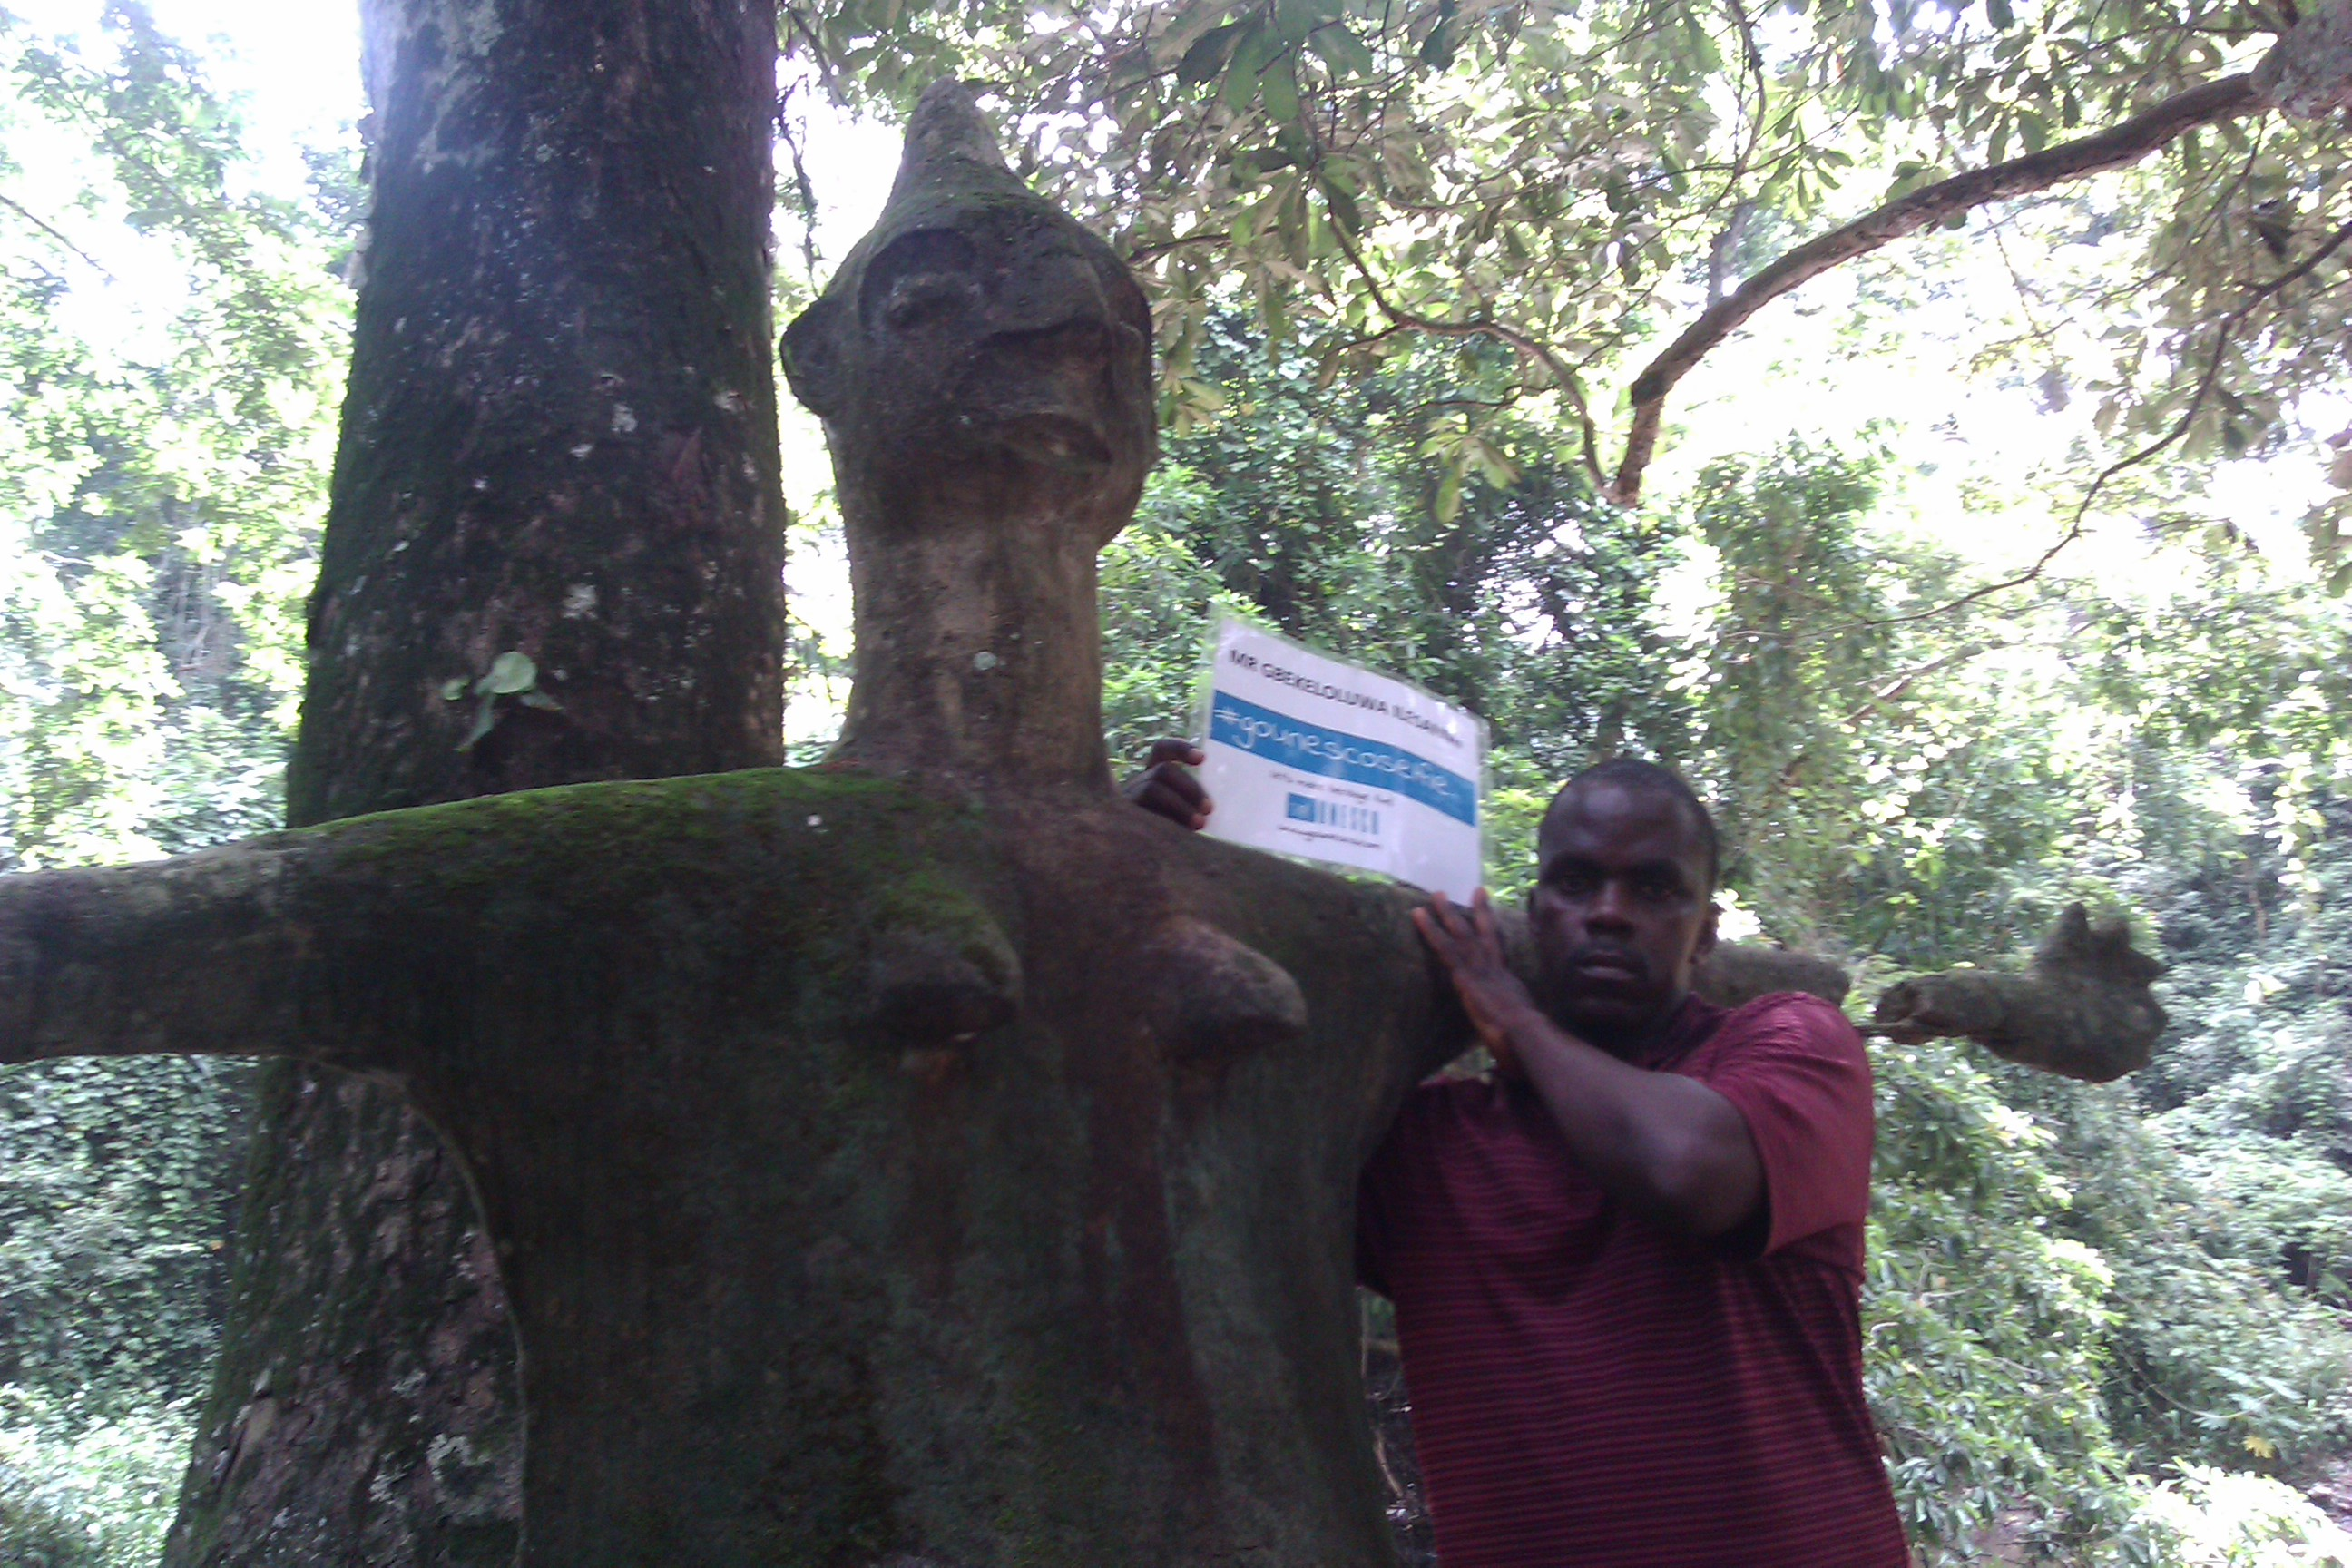 OSUN OSHOGBO SACRED GROVE GBEKELOLUWA ILESANMI